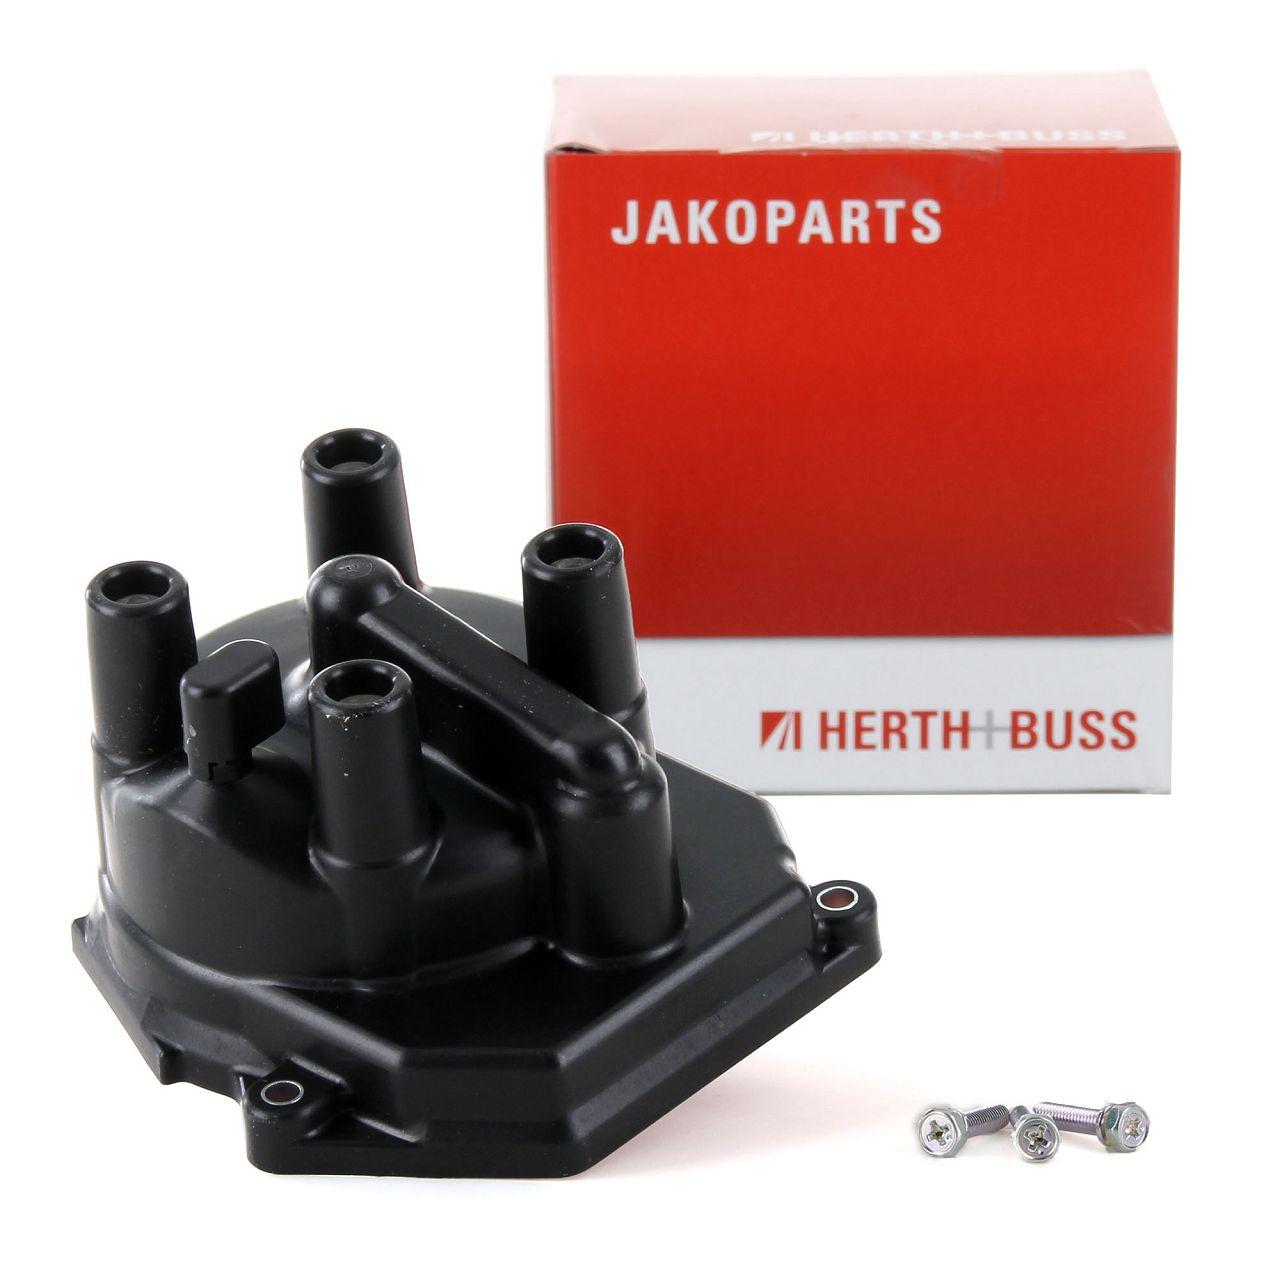 HERTH+BUSS JAKOPARTS Verteilerkappe für NISSAN MICRA II K11 1.0/1.3i 16V bis 01